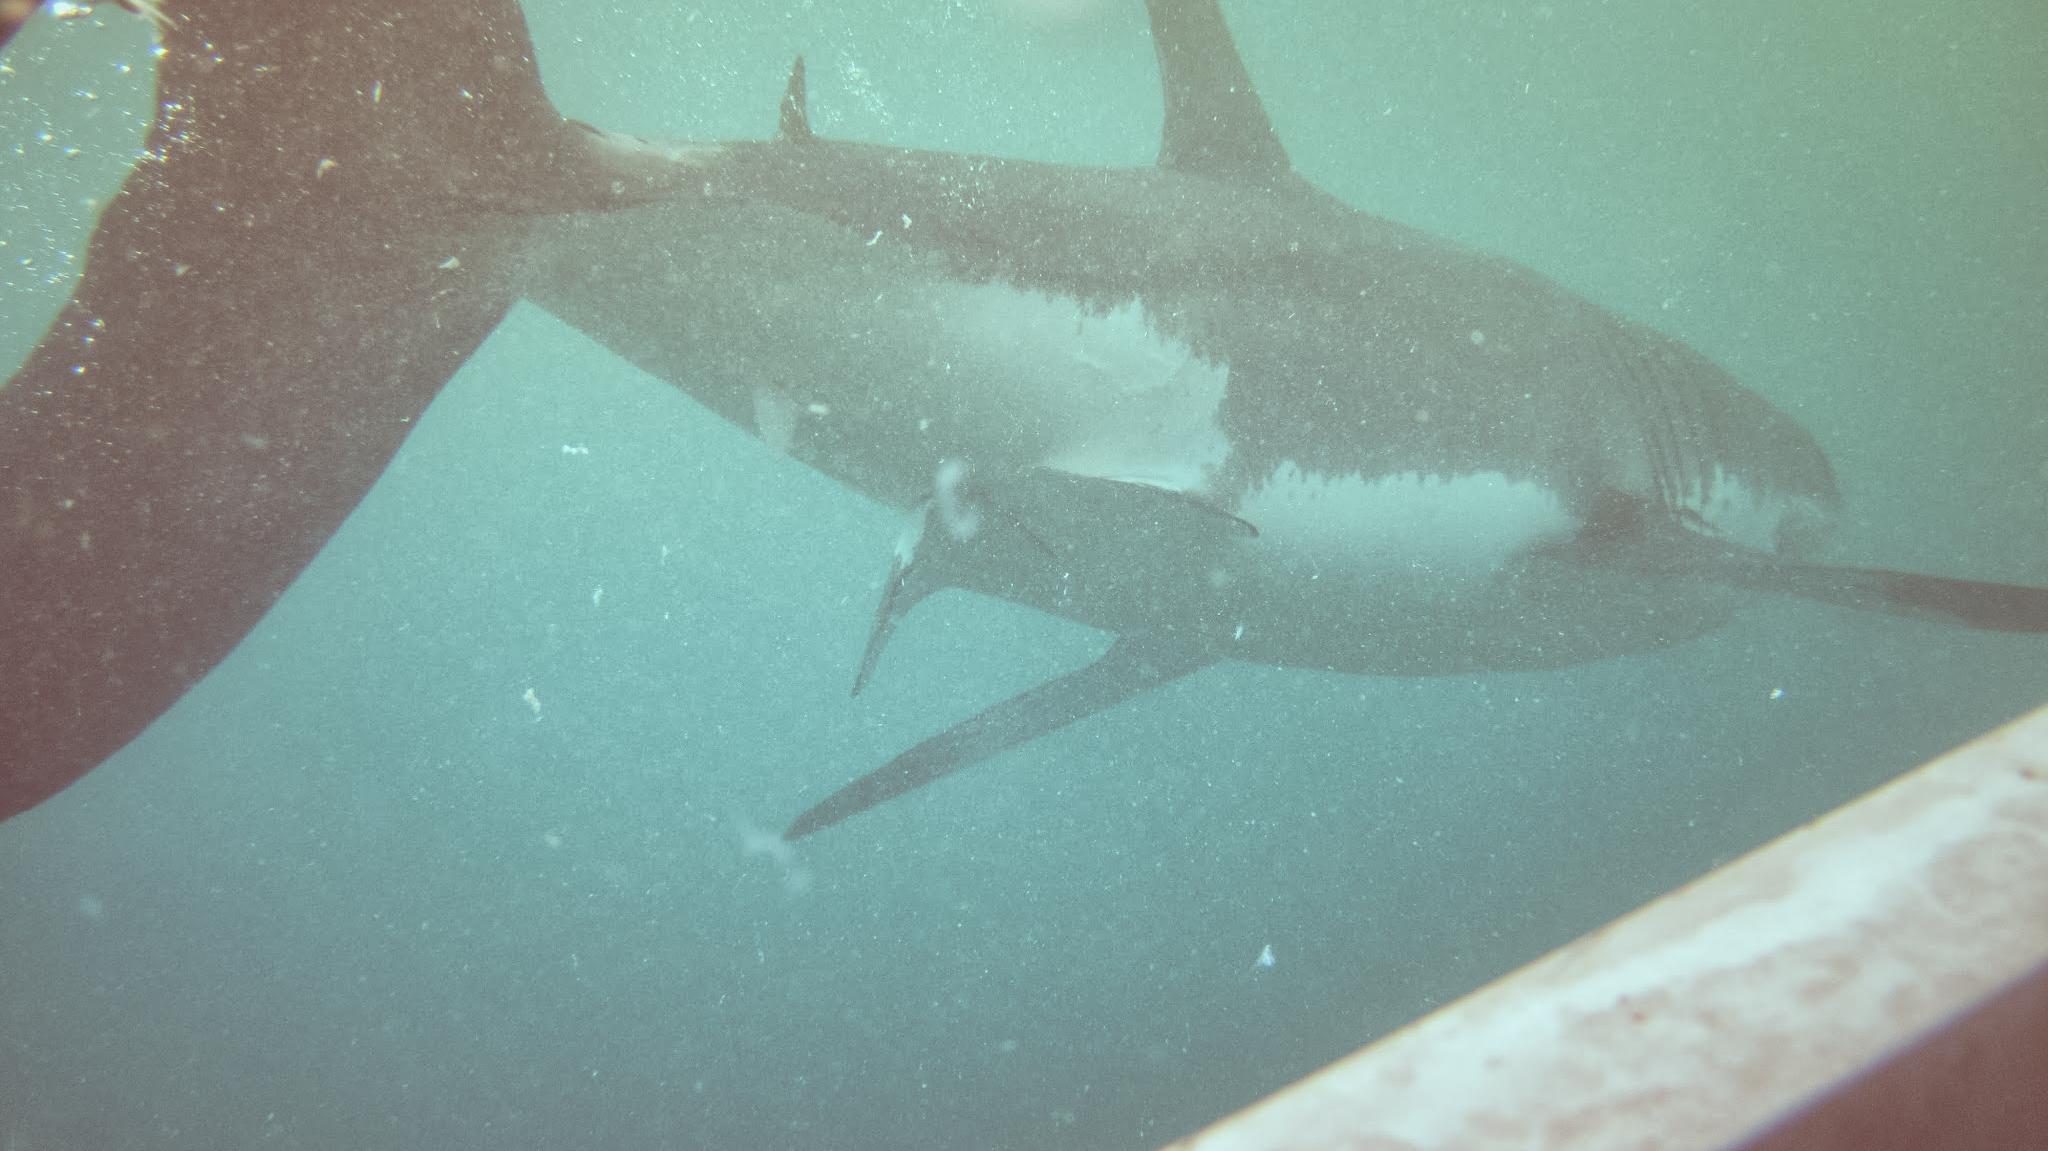 GOAL TRAVELER_GREAT WHITE SHARK_SOUTH AFRICA.jpg